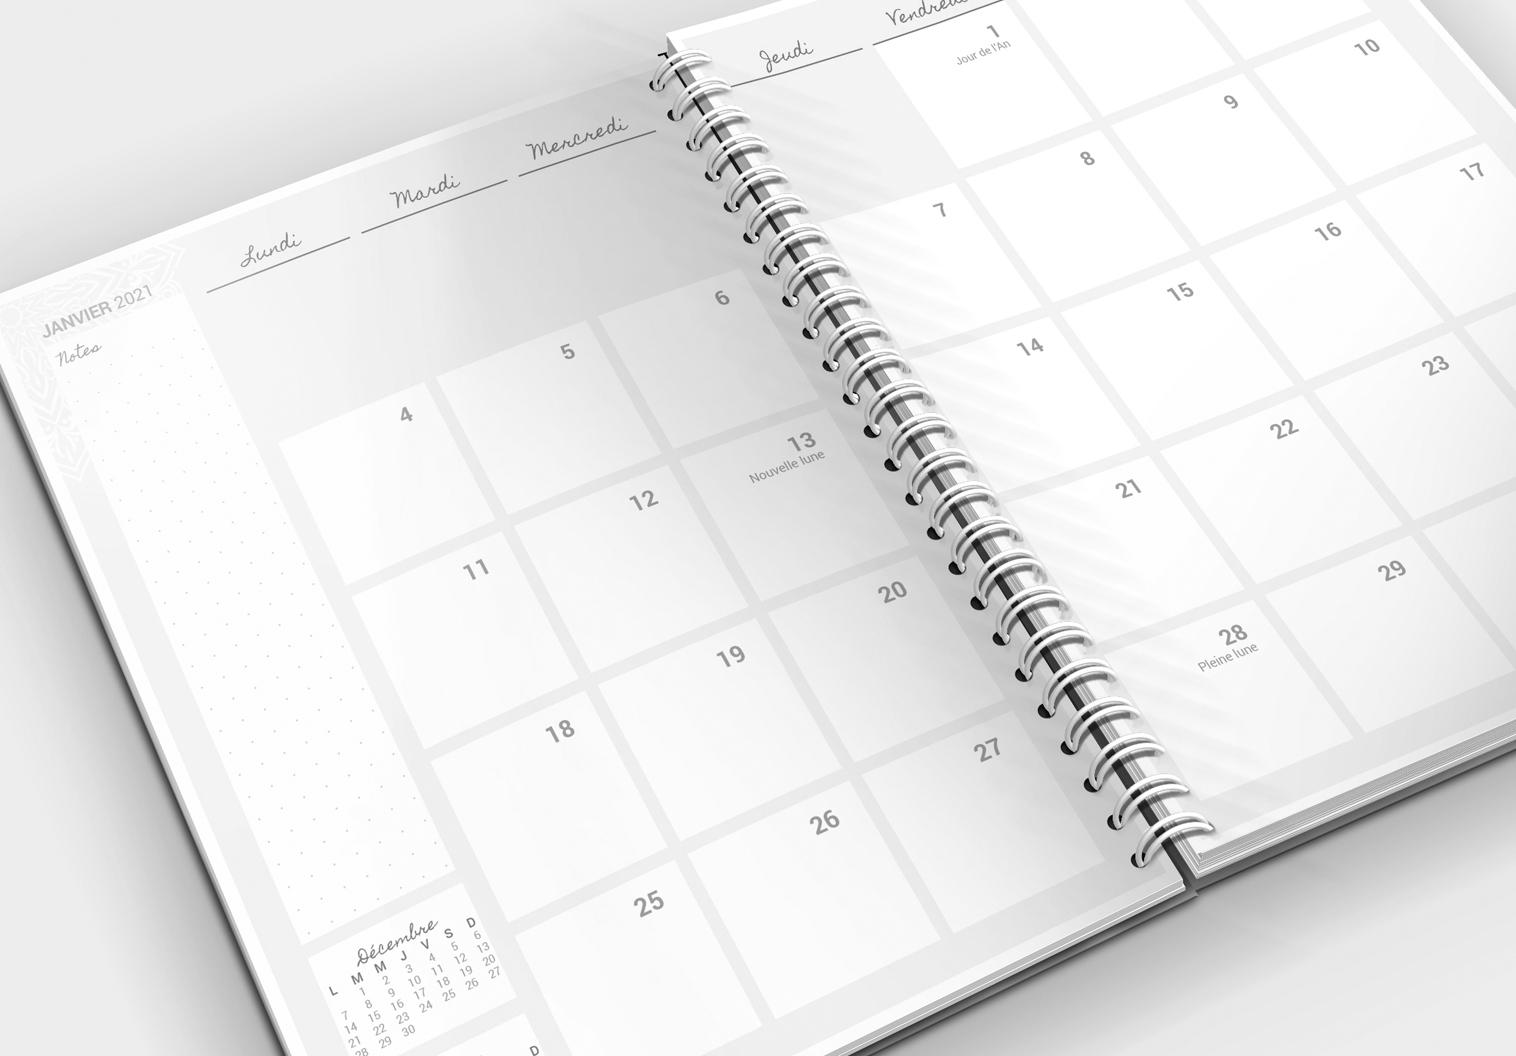 L'agenda de la Chouette organisée, vue mensuelle en noir et blanc